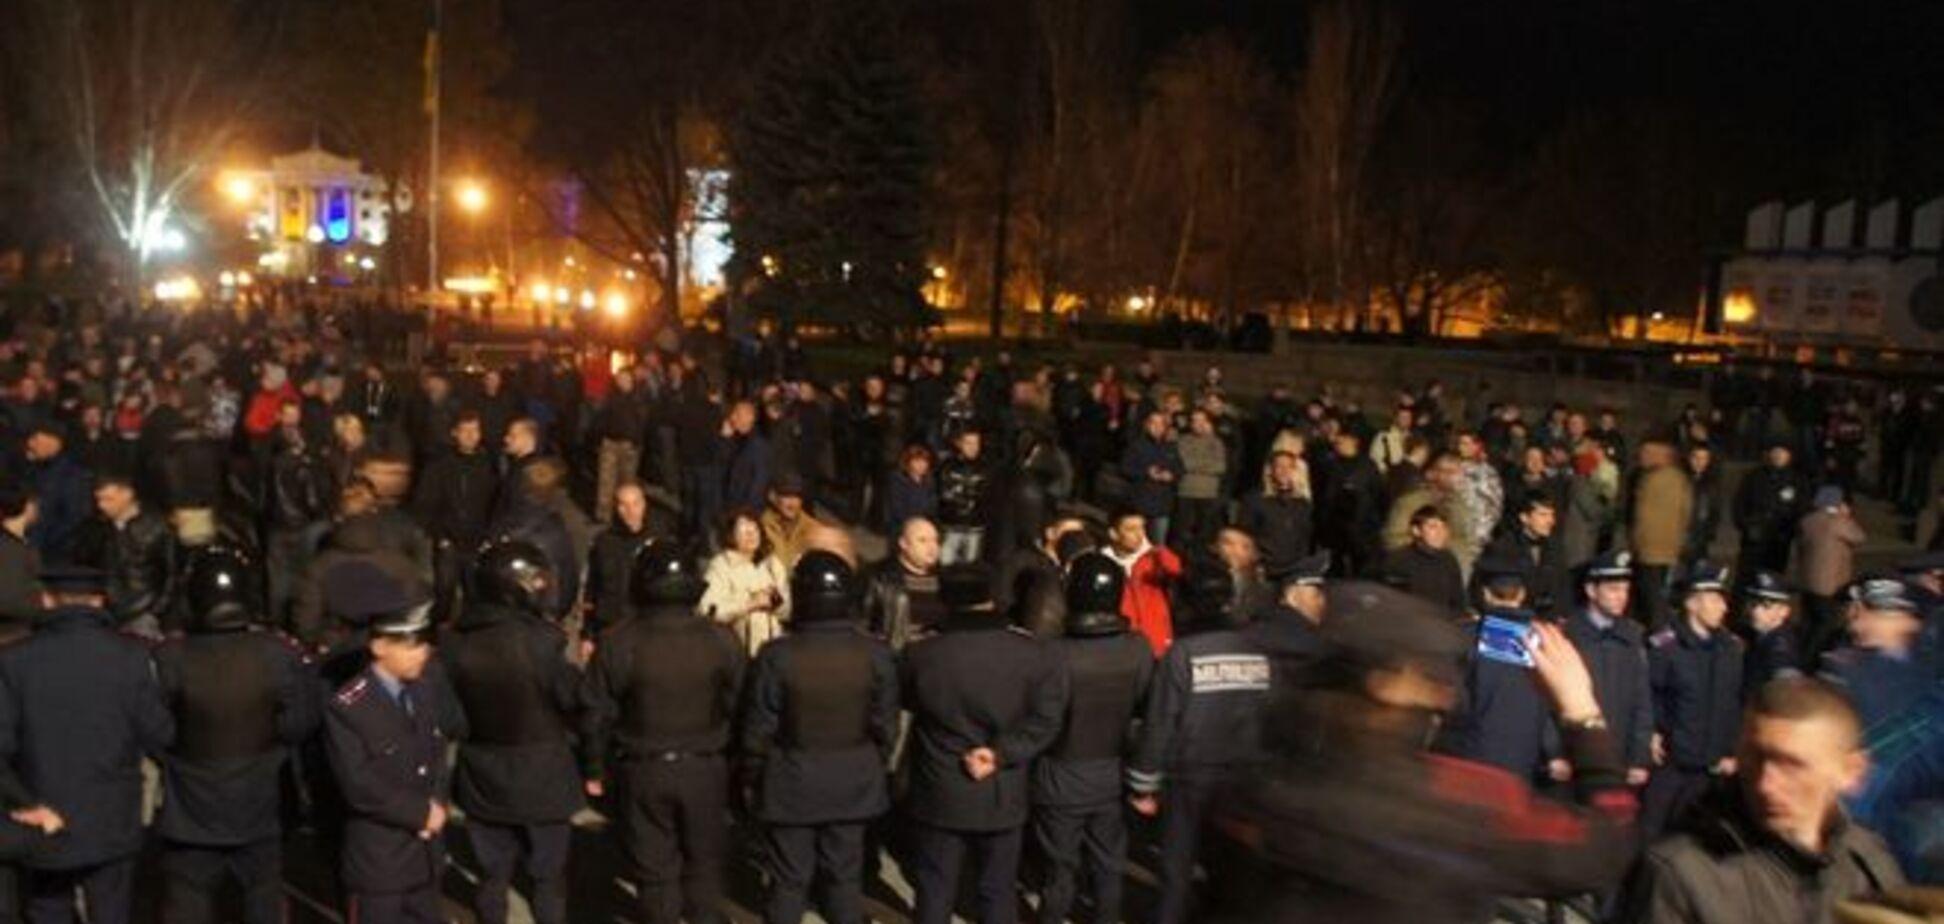 Неизвестные заблокировали 96 ОИК в Вышгороде: началась потасовка, бюллетени валяются под ногами